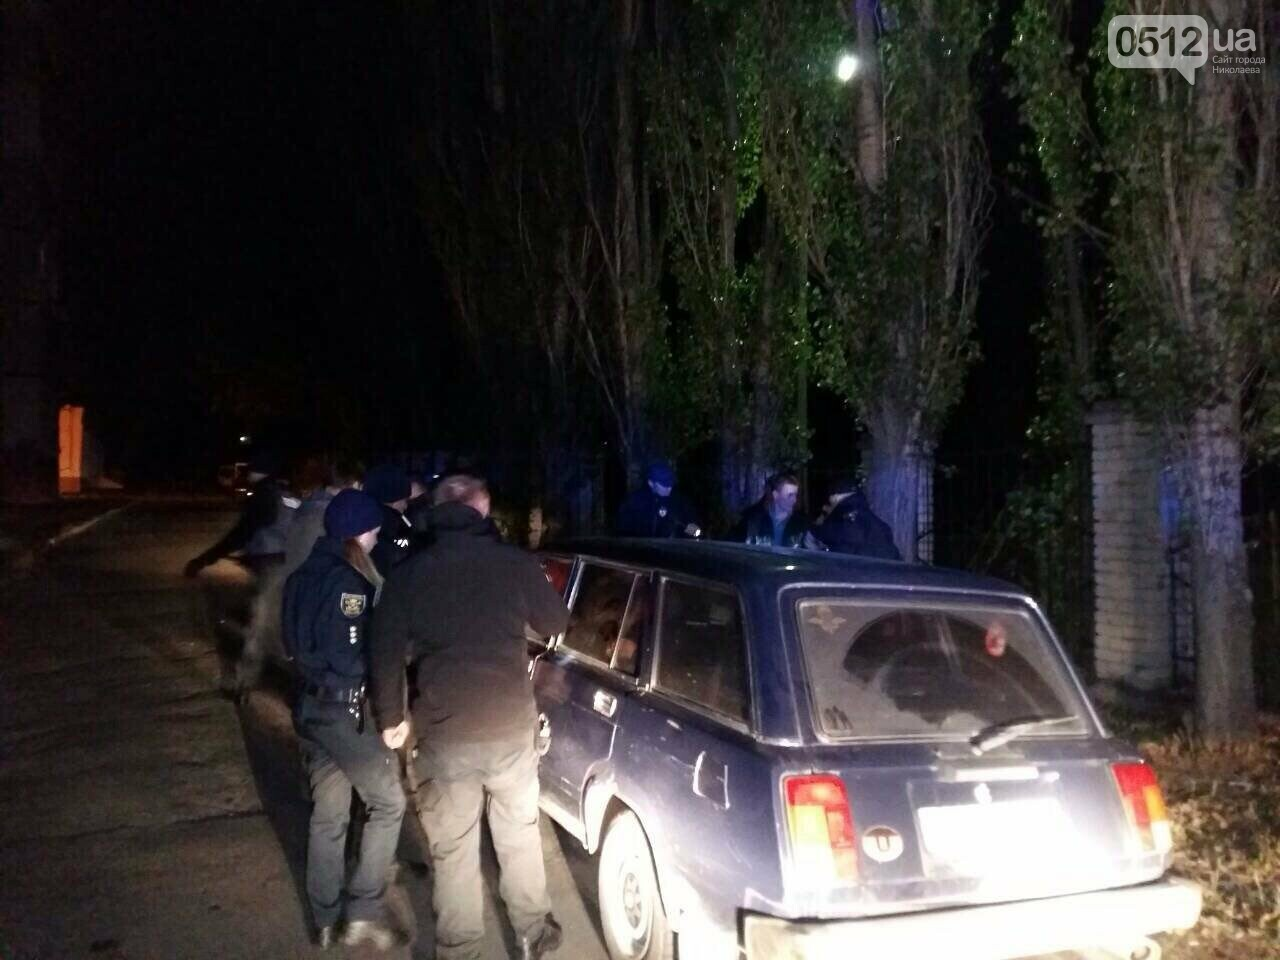 Ночью в Николаеве трое мужчин напали и ограбили снимавшего сюжет журналиста (ФОТО, ВИДЕО), фото-5